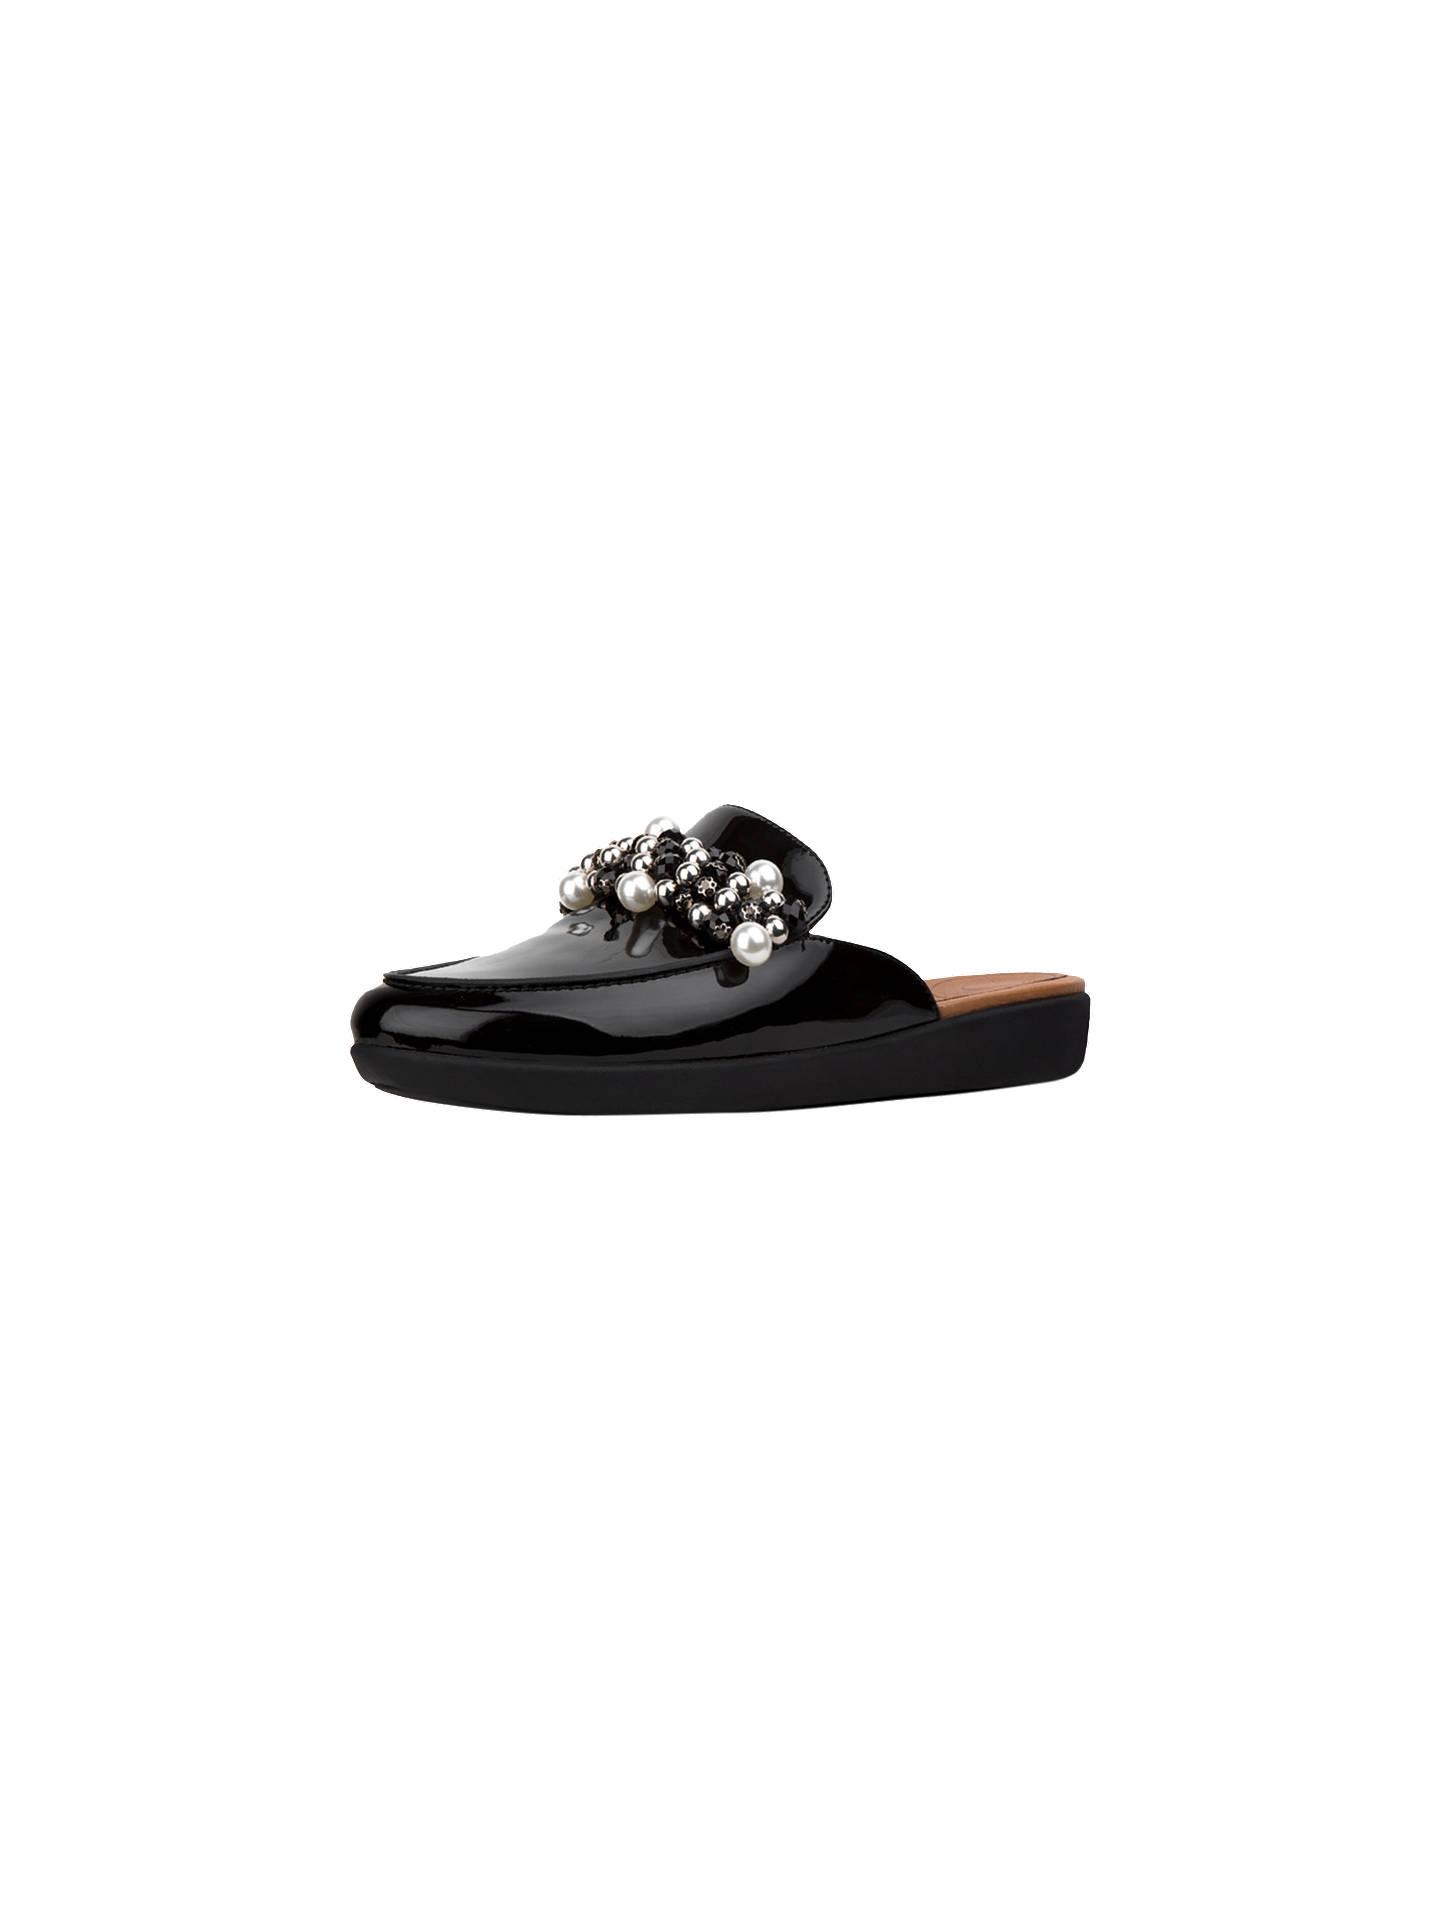 14317b5d82603 ... Buy FitFlop Serene Deco Embellished Mule Slides